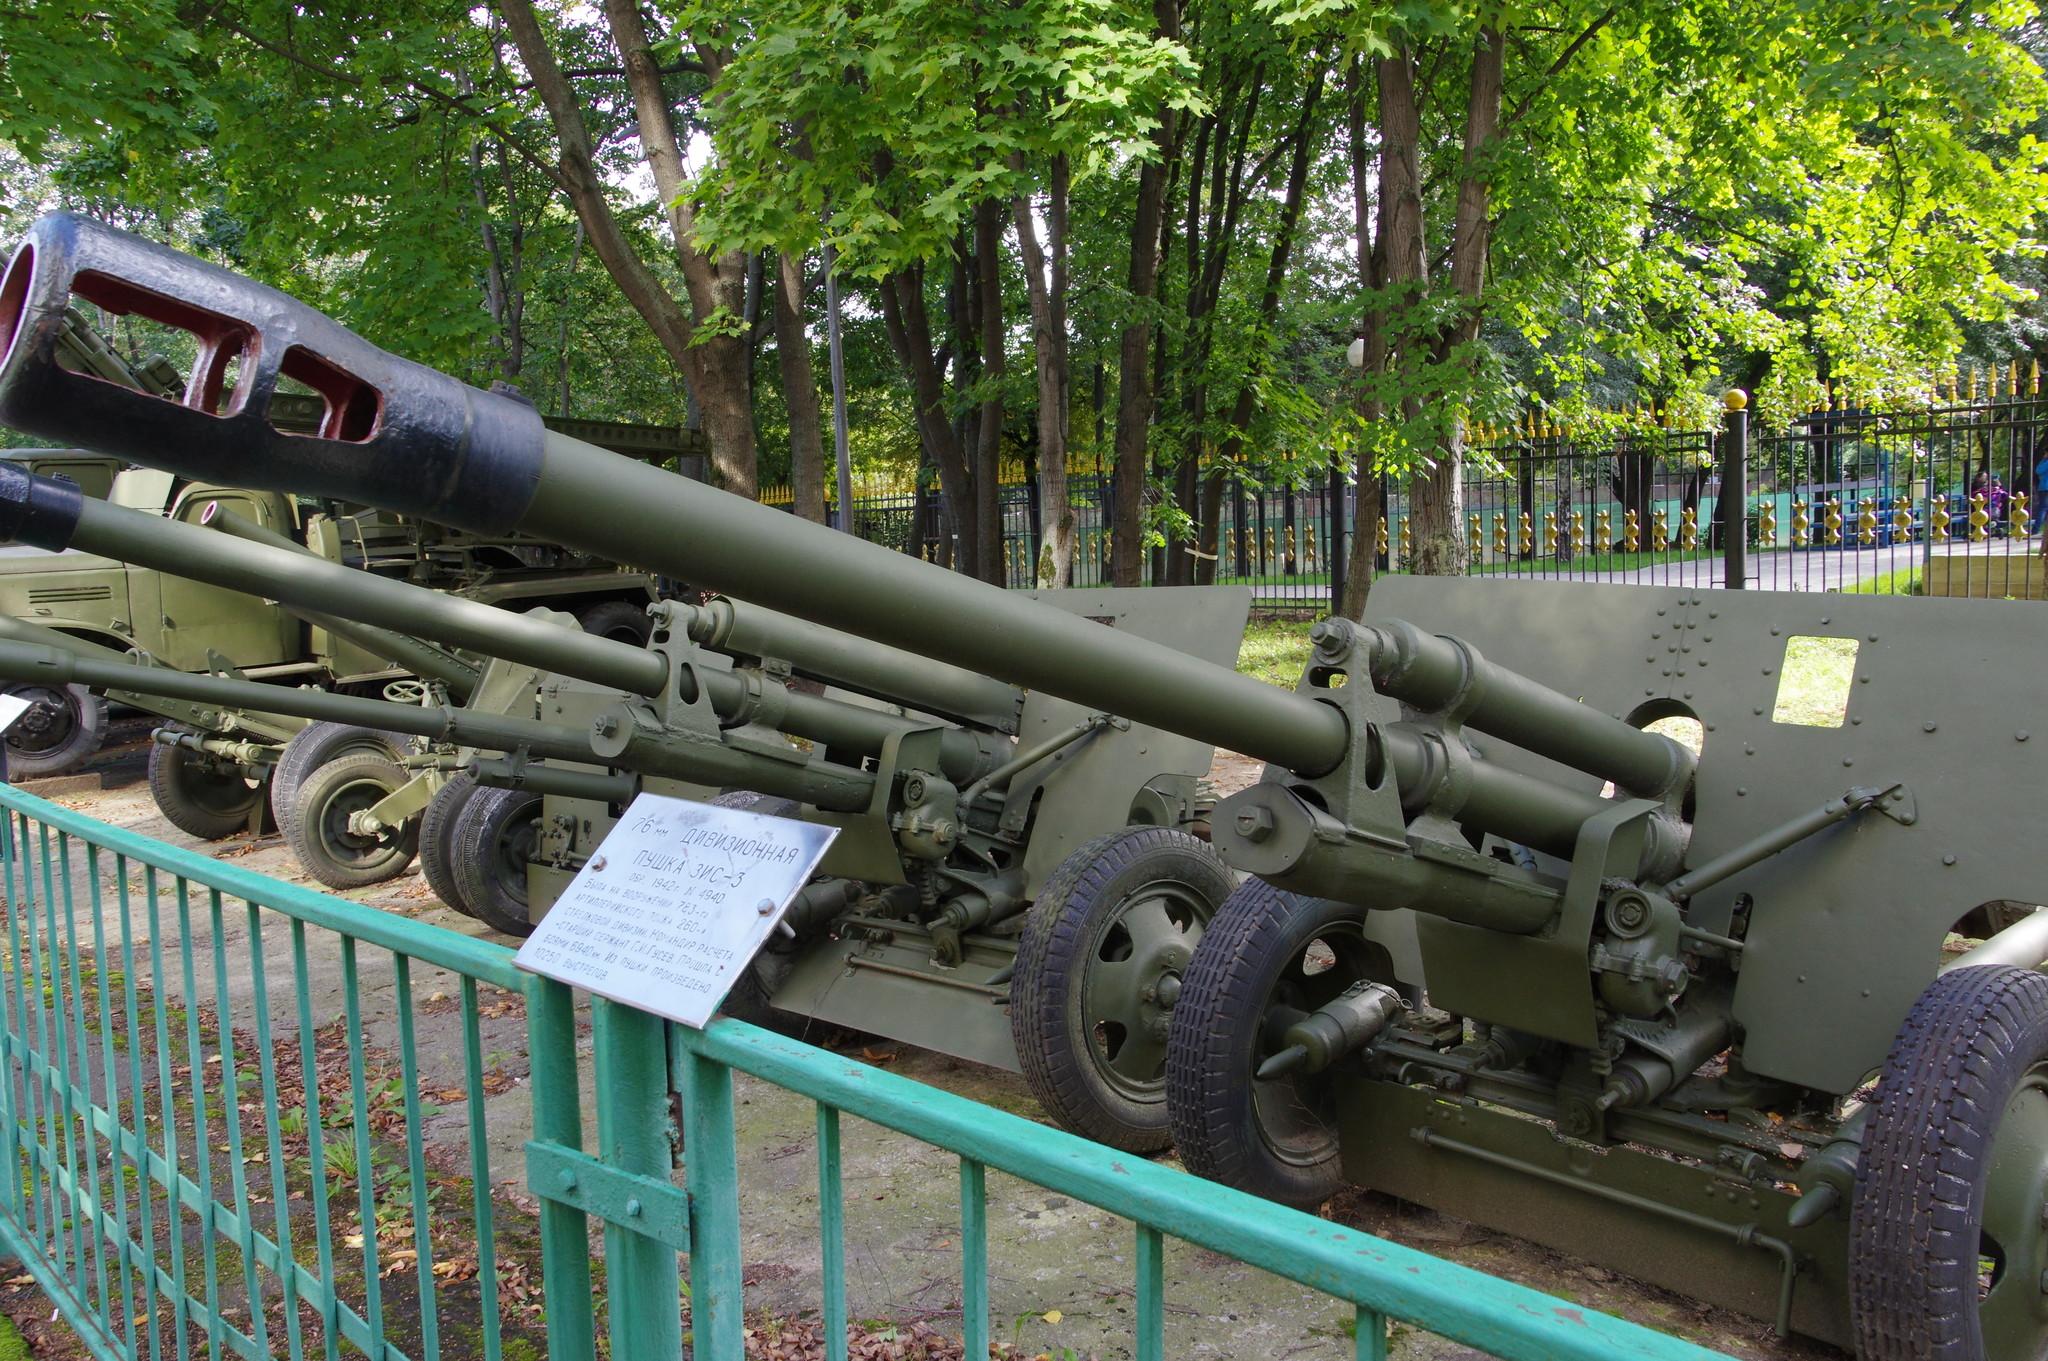 76-мм дивизионная пушка образца 1942 года (ЗИС-3) № 4940 в экспозиции Центрального музея Вооружённых сил Российской Федерации